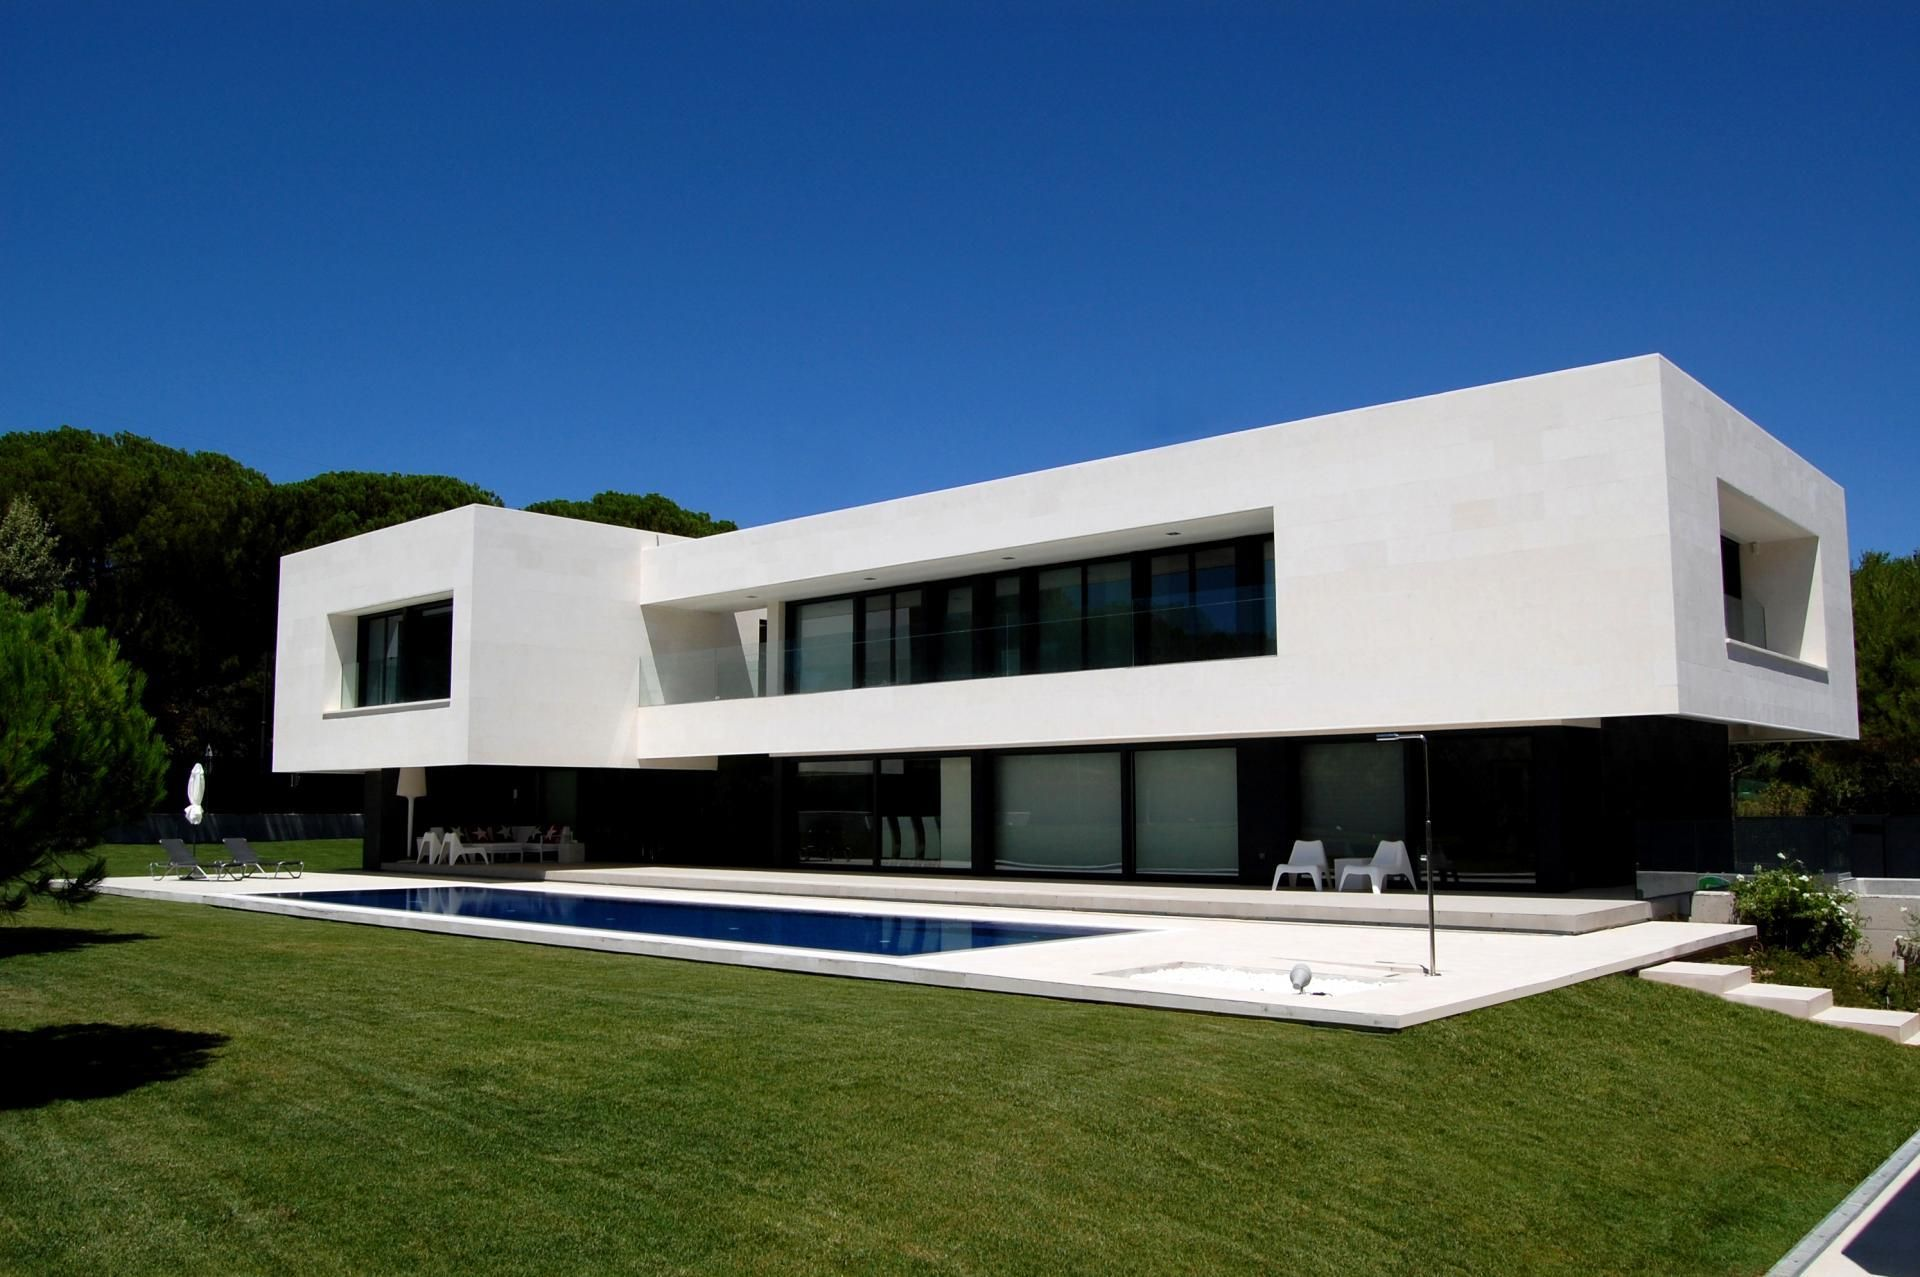 Impressionnante Maison Contemporaine Et Son Porte A Faux Flottant En